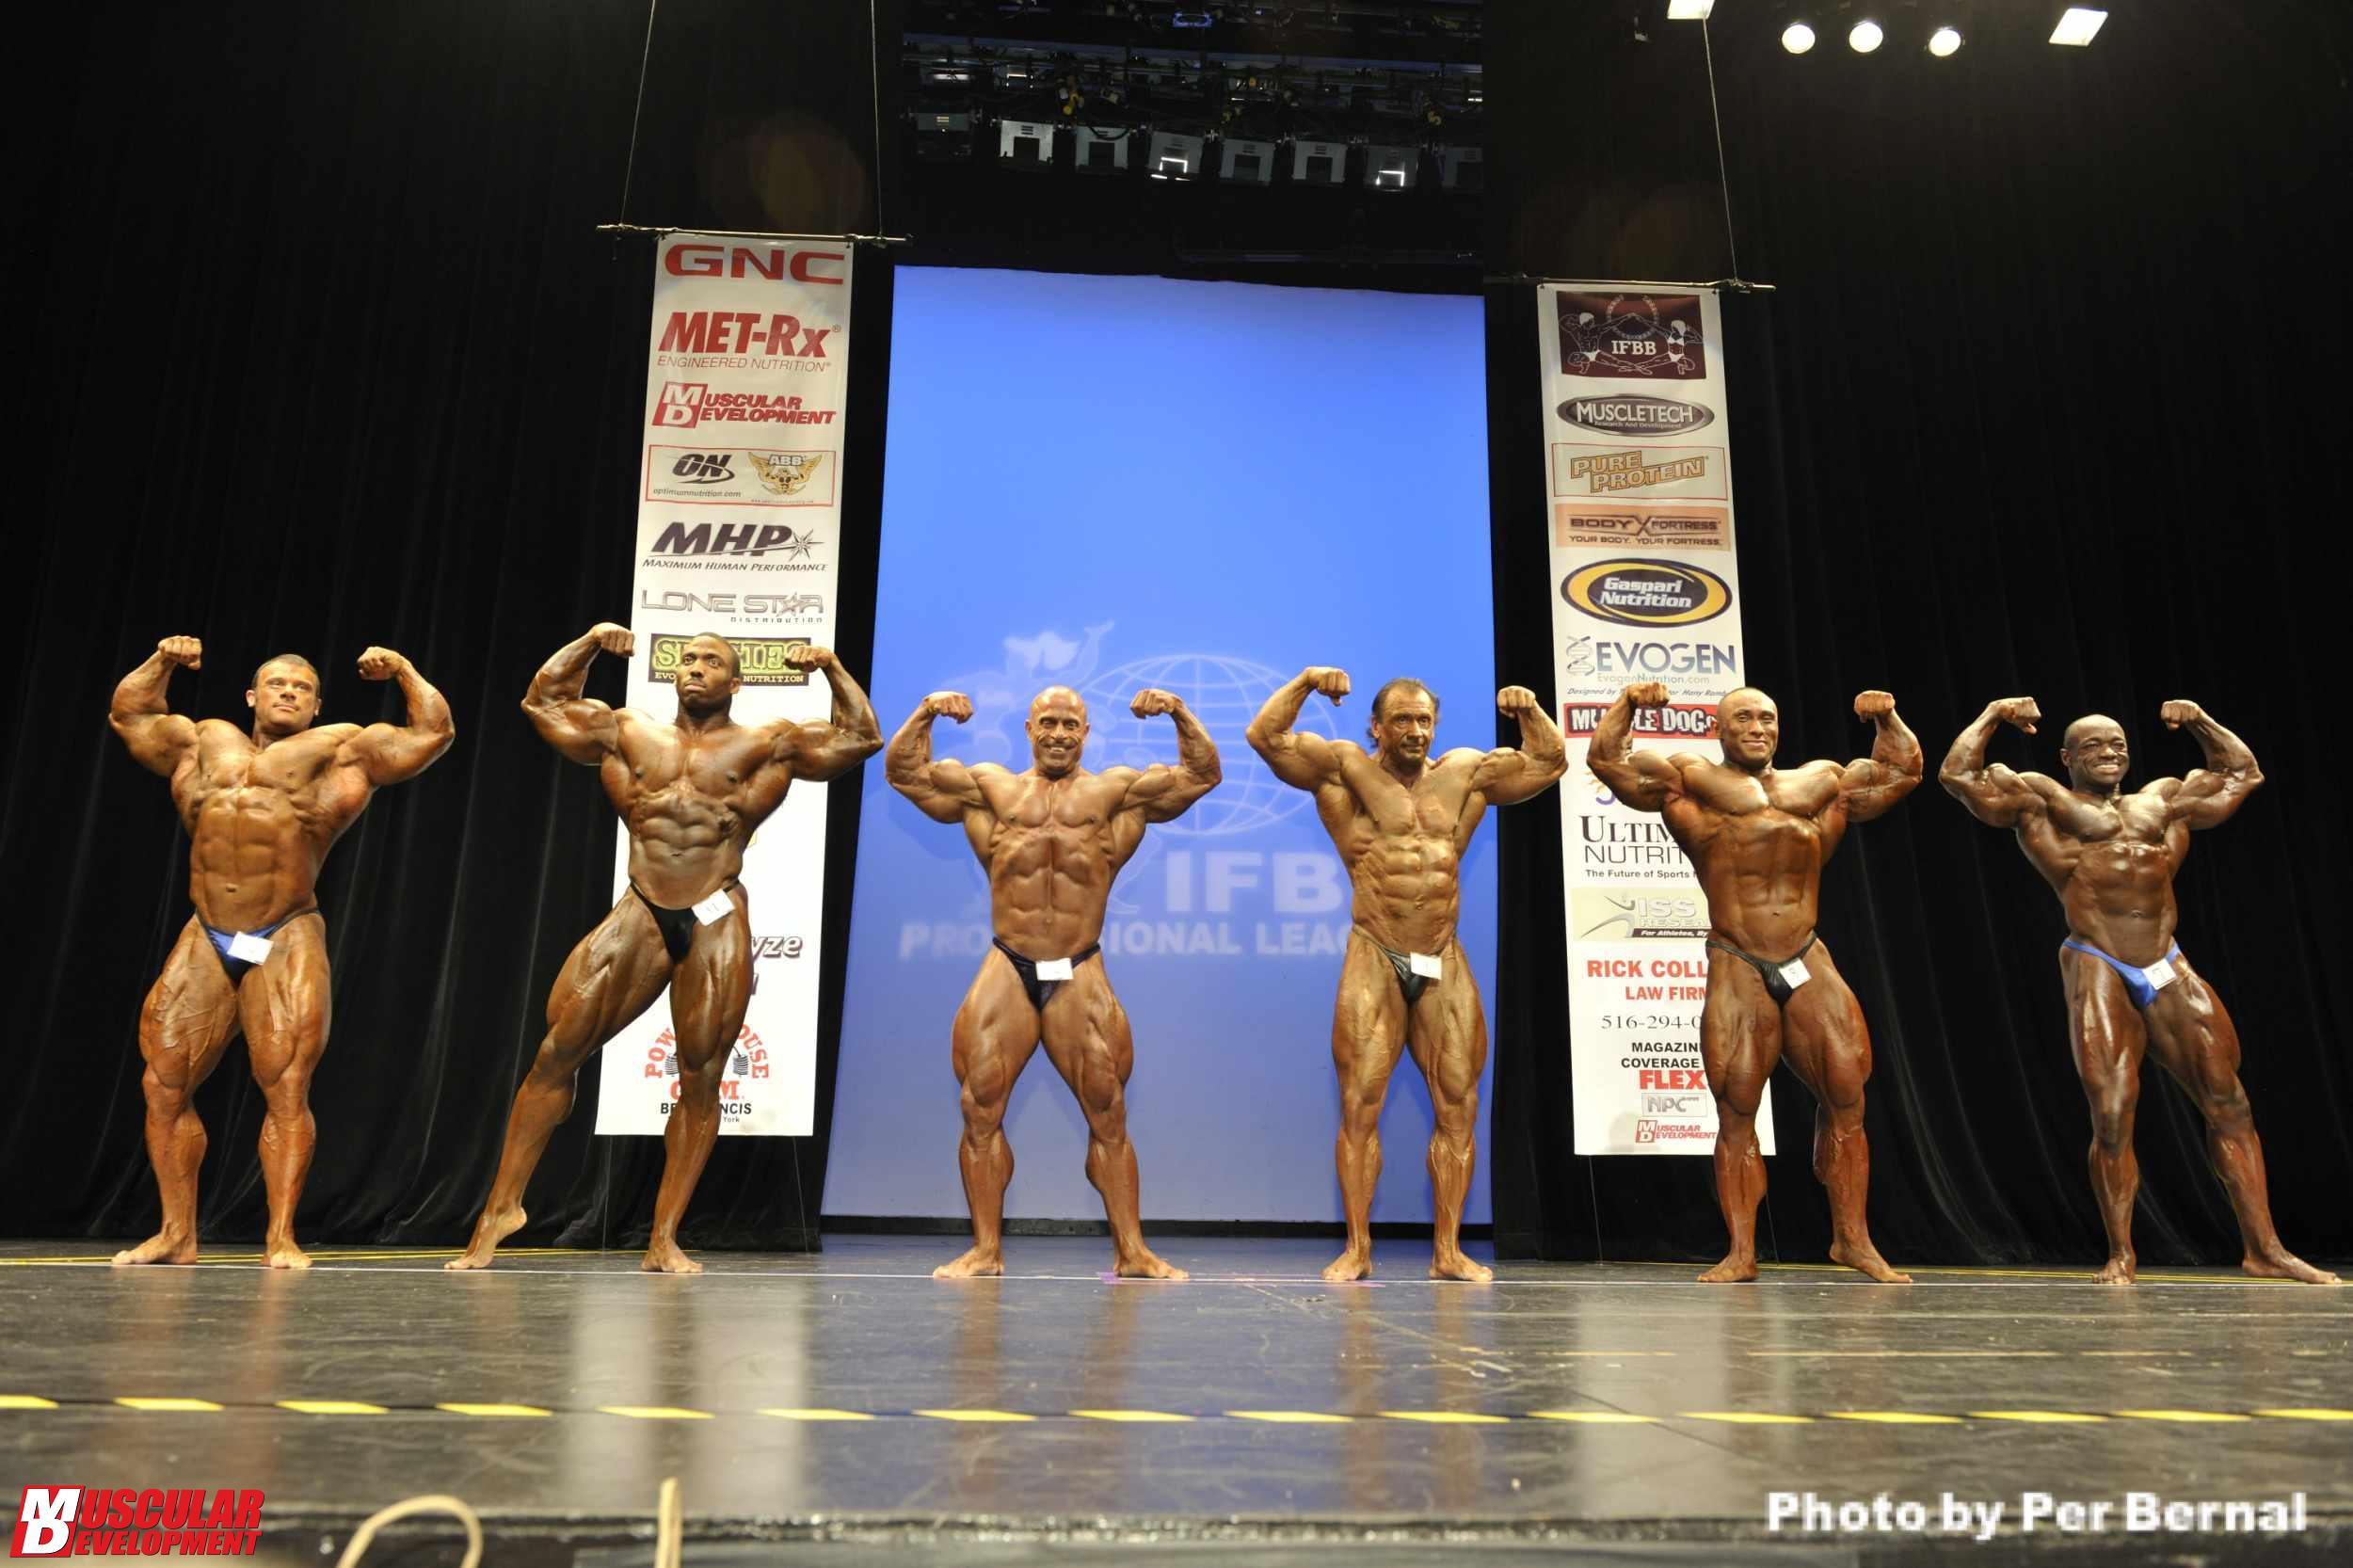 2011 NY Pro PICS & VIDEOS